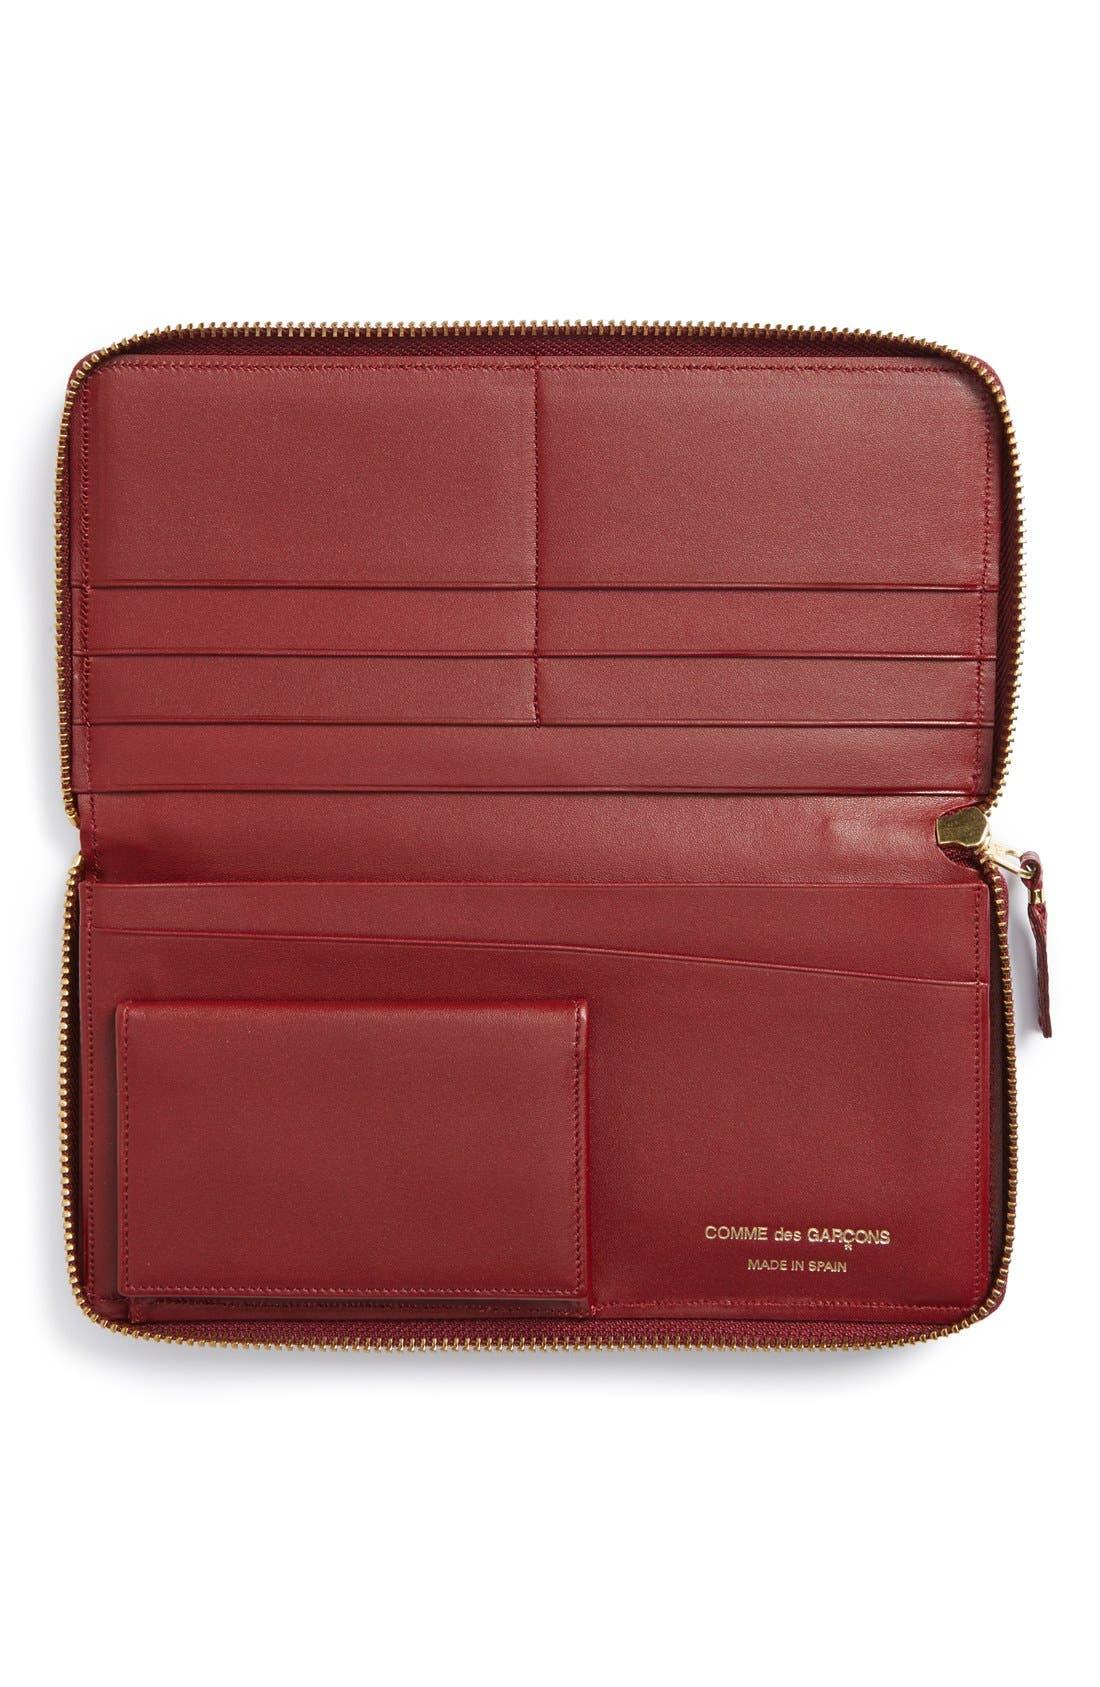 COMME DES GARÇONS, 'Luxury Group' Continental Long Wallet, Alternate thumbnail 2, color, BURGUNDY